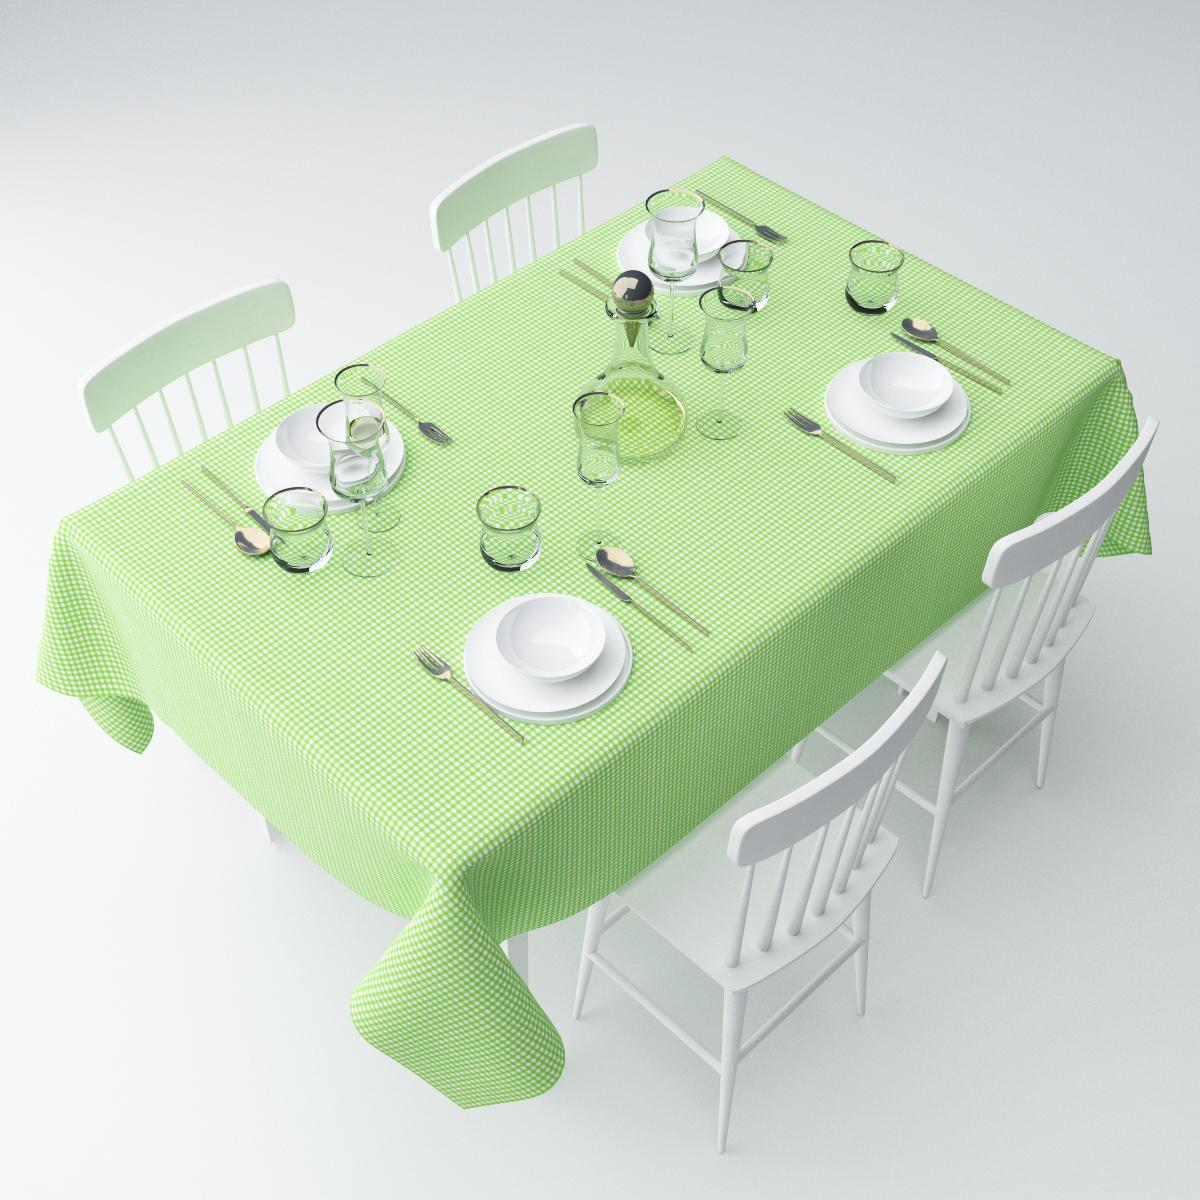 """Прямоугольная скатерть Сирень """"Зеленая клетка"""", выполненная из  габардина с ярким рисунком, преобразит вашу кухню, визуально  расширит пространство, создаст атмосферу радости и комфорта.    Рекомендации по уходу: стирка при 30 градусах, гладить при температуре до 110  градусов.   Размер скатерти: 145 х 120 см.  Изображение может немного отличаться от реального."""